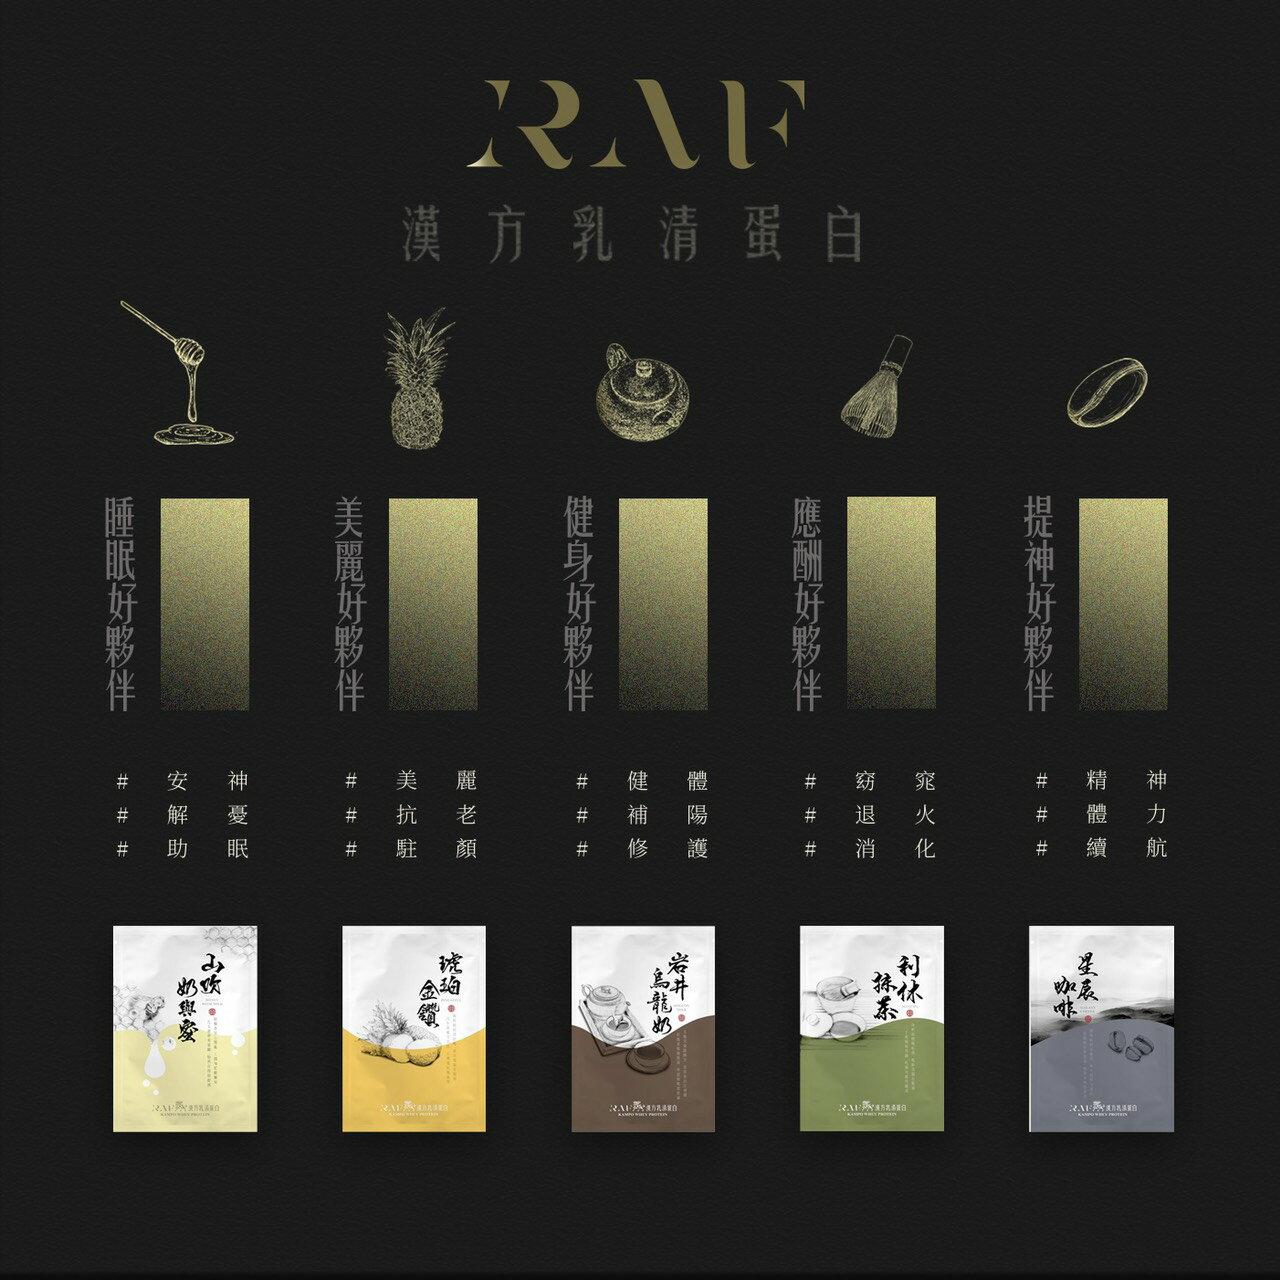 RAF漢方乳清蛋白 - 好禮三送二!!!買三包熱銷款即送二包任選!!!  健身首選/嚐鮮包/機能